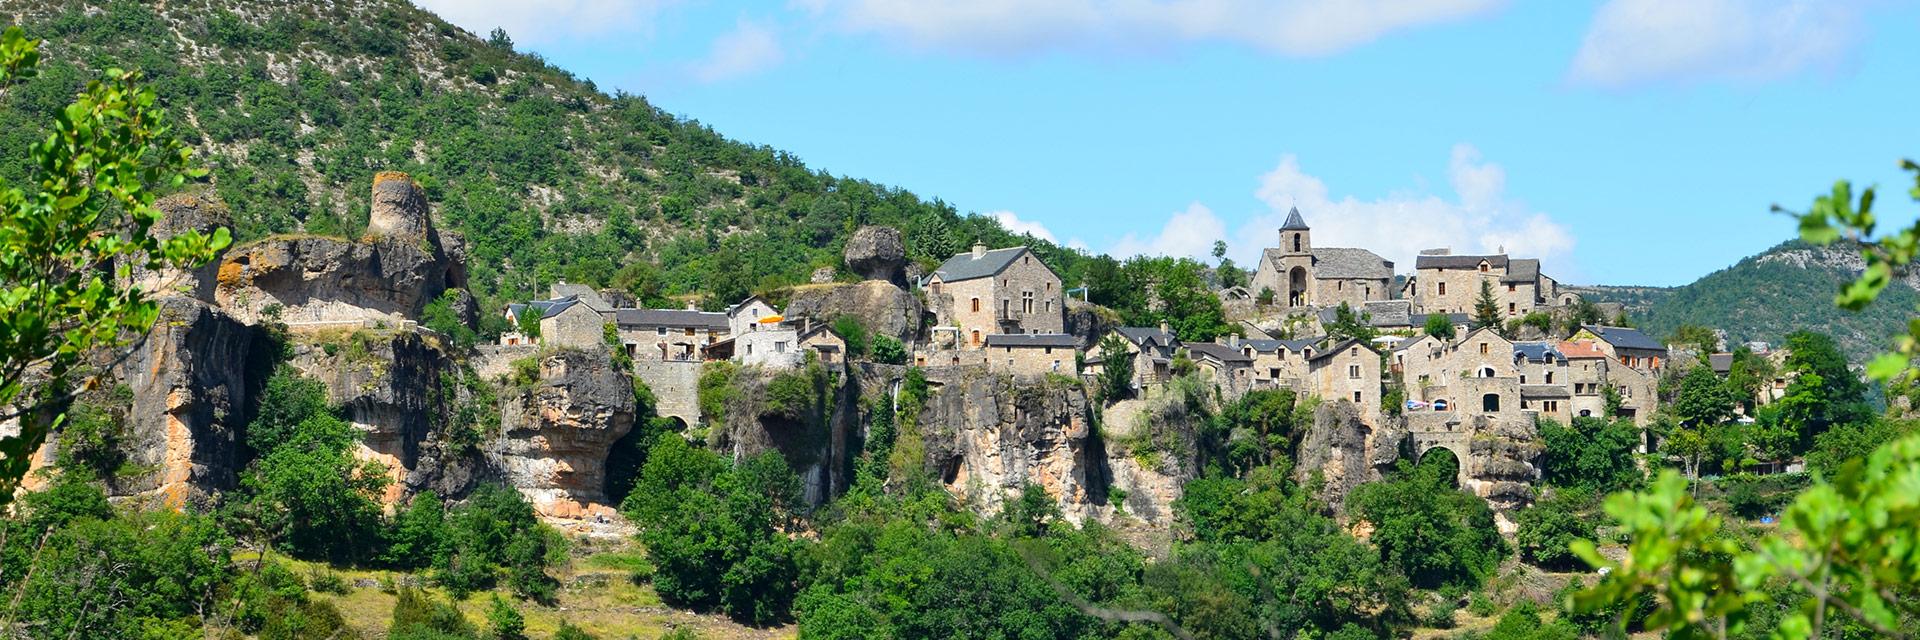 Grands Causses – Pays Cévenol - Domaine du Roc Nantais